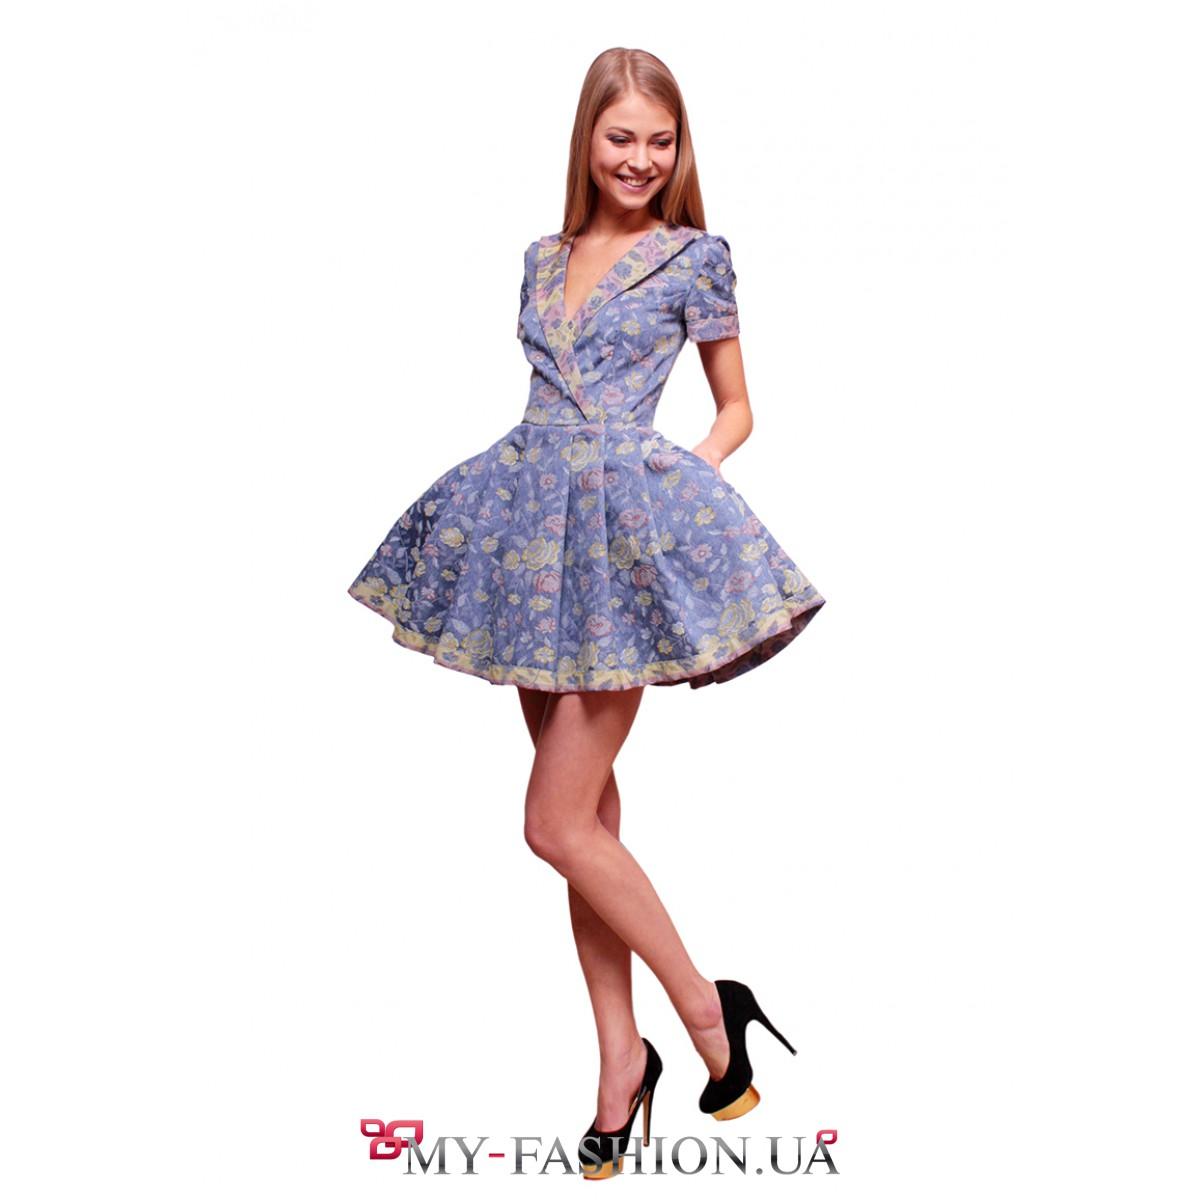 Фото платьев с короткой пышной юбкой